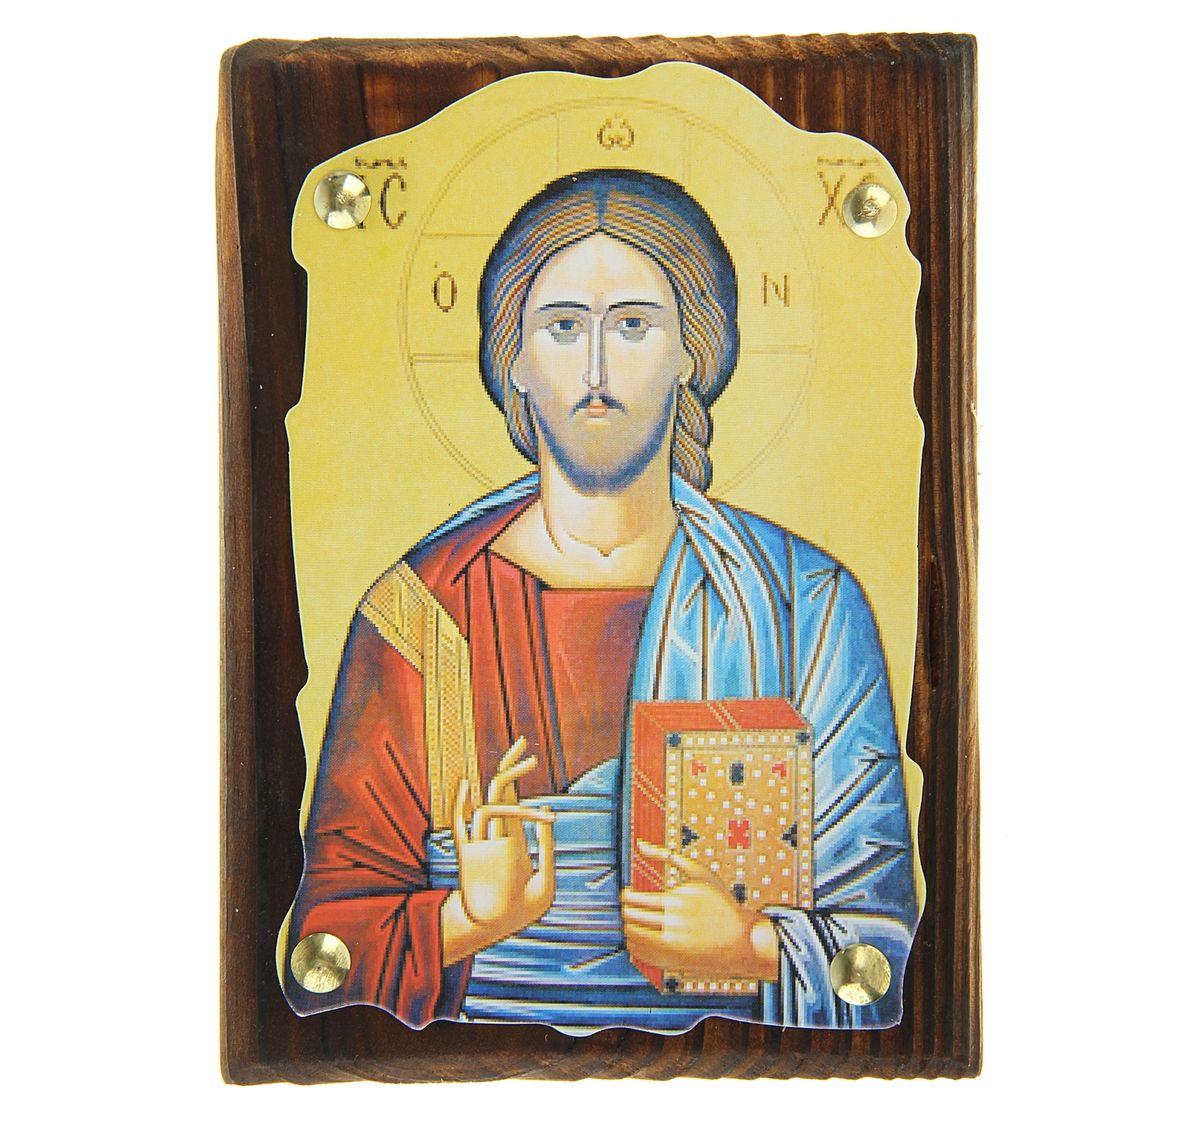 Икона Иисус Христос, 10,5 х 14,5 смFS-80423Икона Иисус Христос выполнена из картона, с нанесенным изображением, который крепиться на деревянную дощечку, обработанную огнем. На обратной стороне имеется отверстие, благодаря которому икону удобно вешать на стену. Изображенный образ полностью соответствует канонам Русской Православной Церкви. Такая икона будет прекрасным подарком с духовной составляющей.